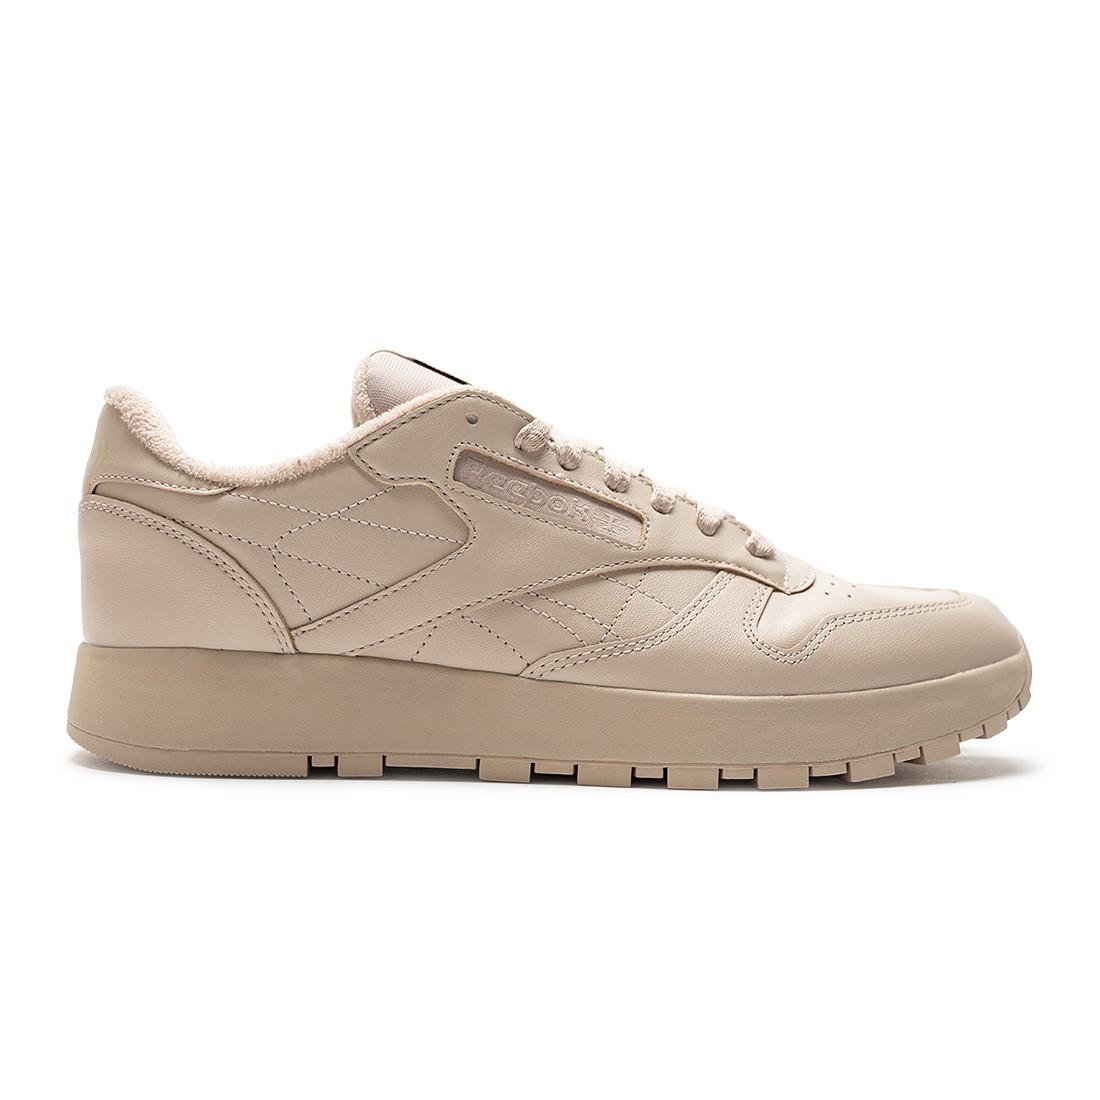 Reebok x Maison Margiela Men Project 0 Classic Leather (beige / modern beige / footwear white / black)